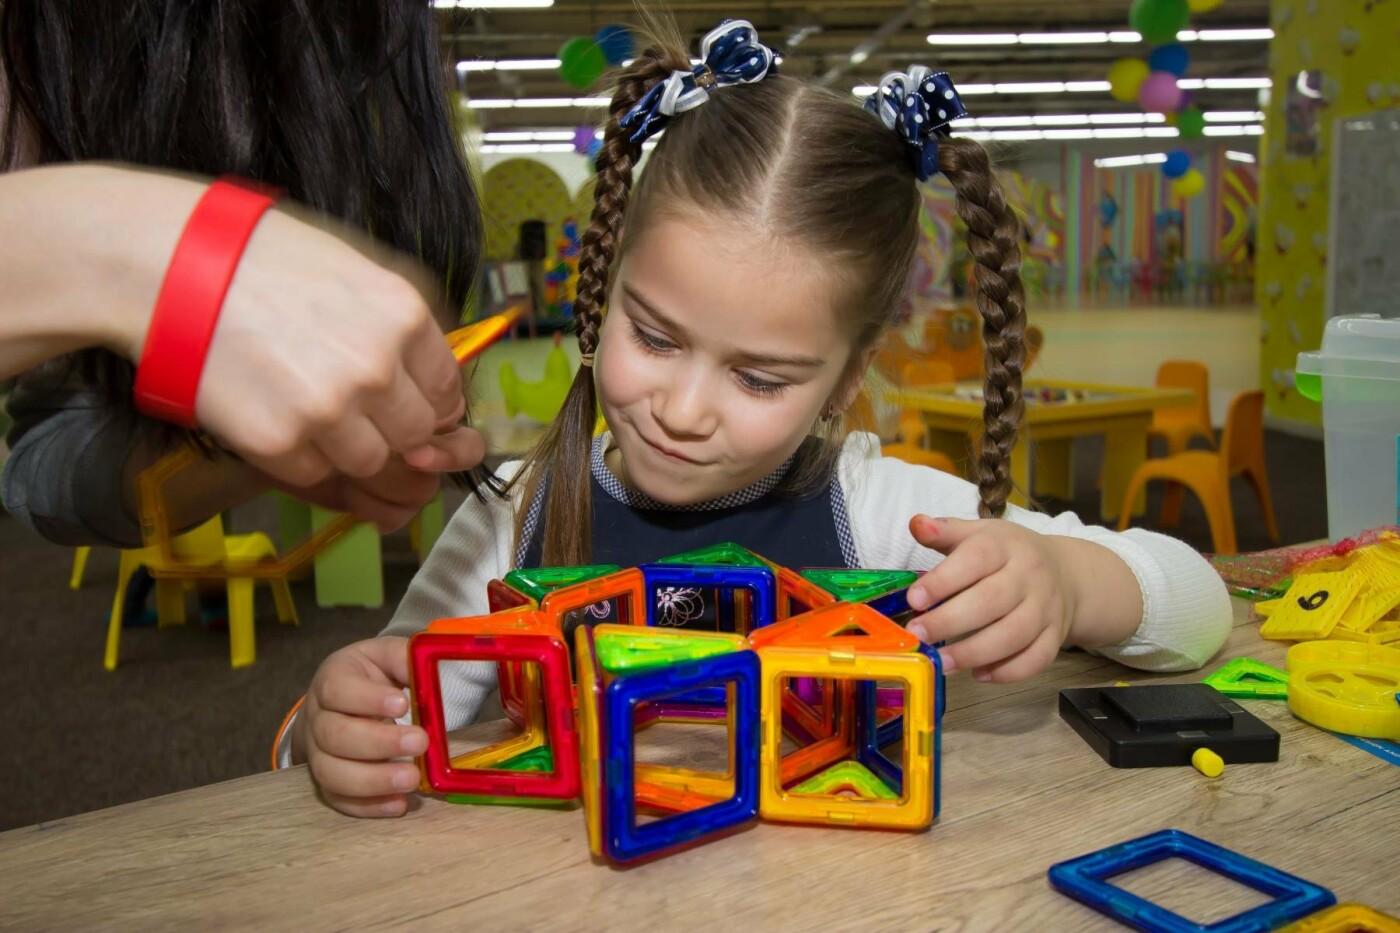 Ми допоможемо вибрати подарунок для дитини, якому вона буде дуже рада, фото-1